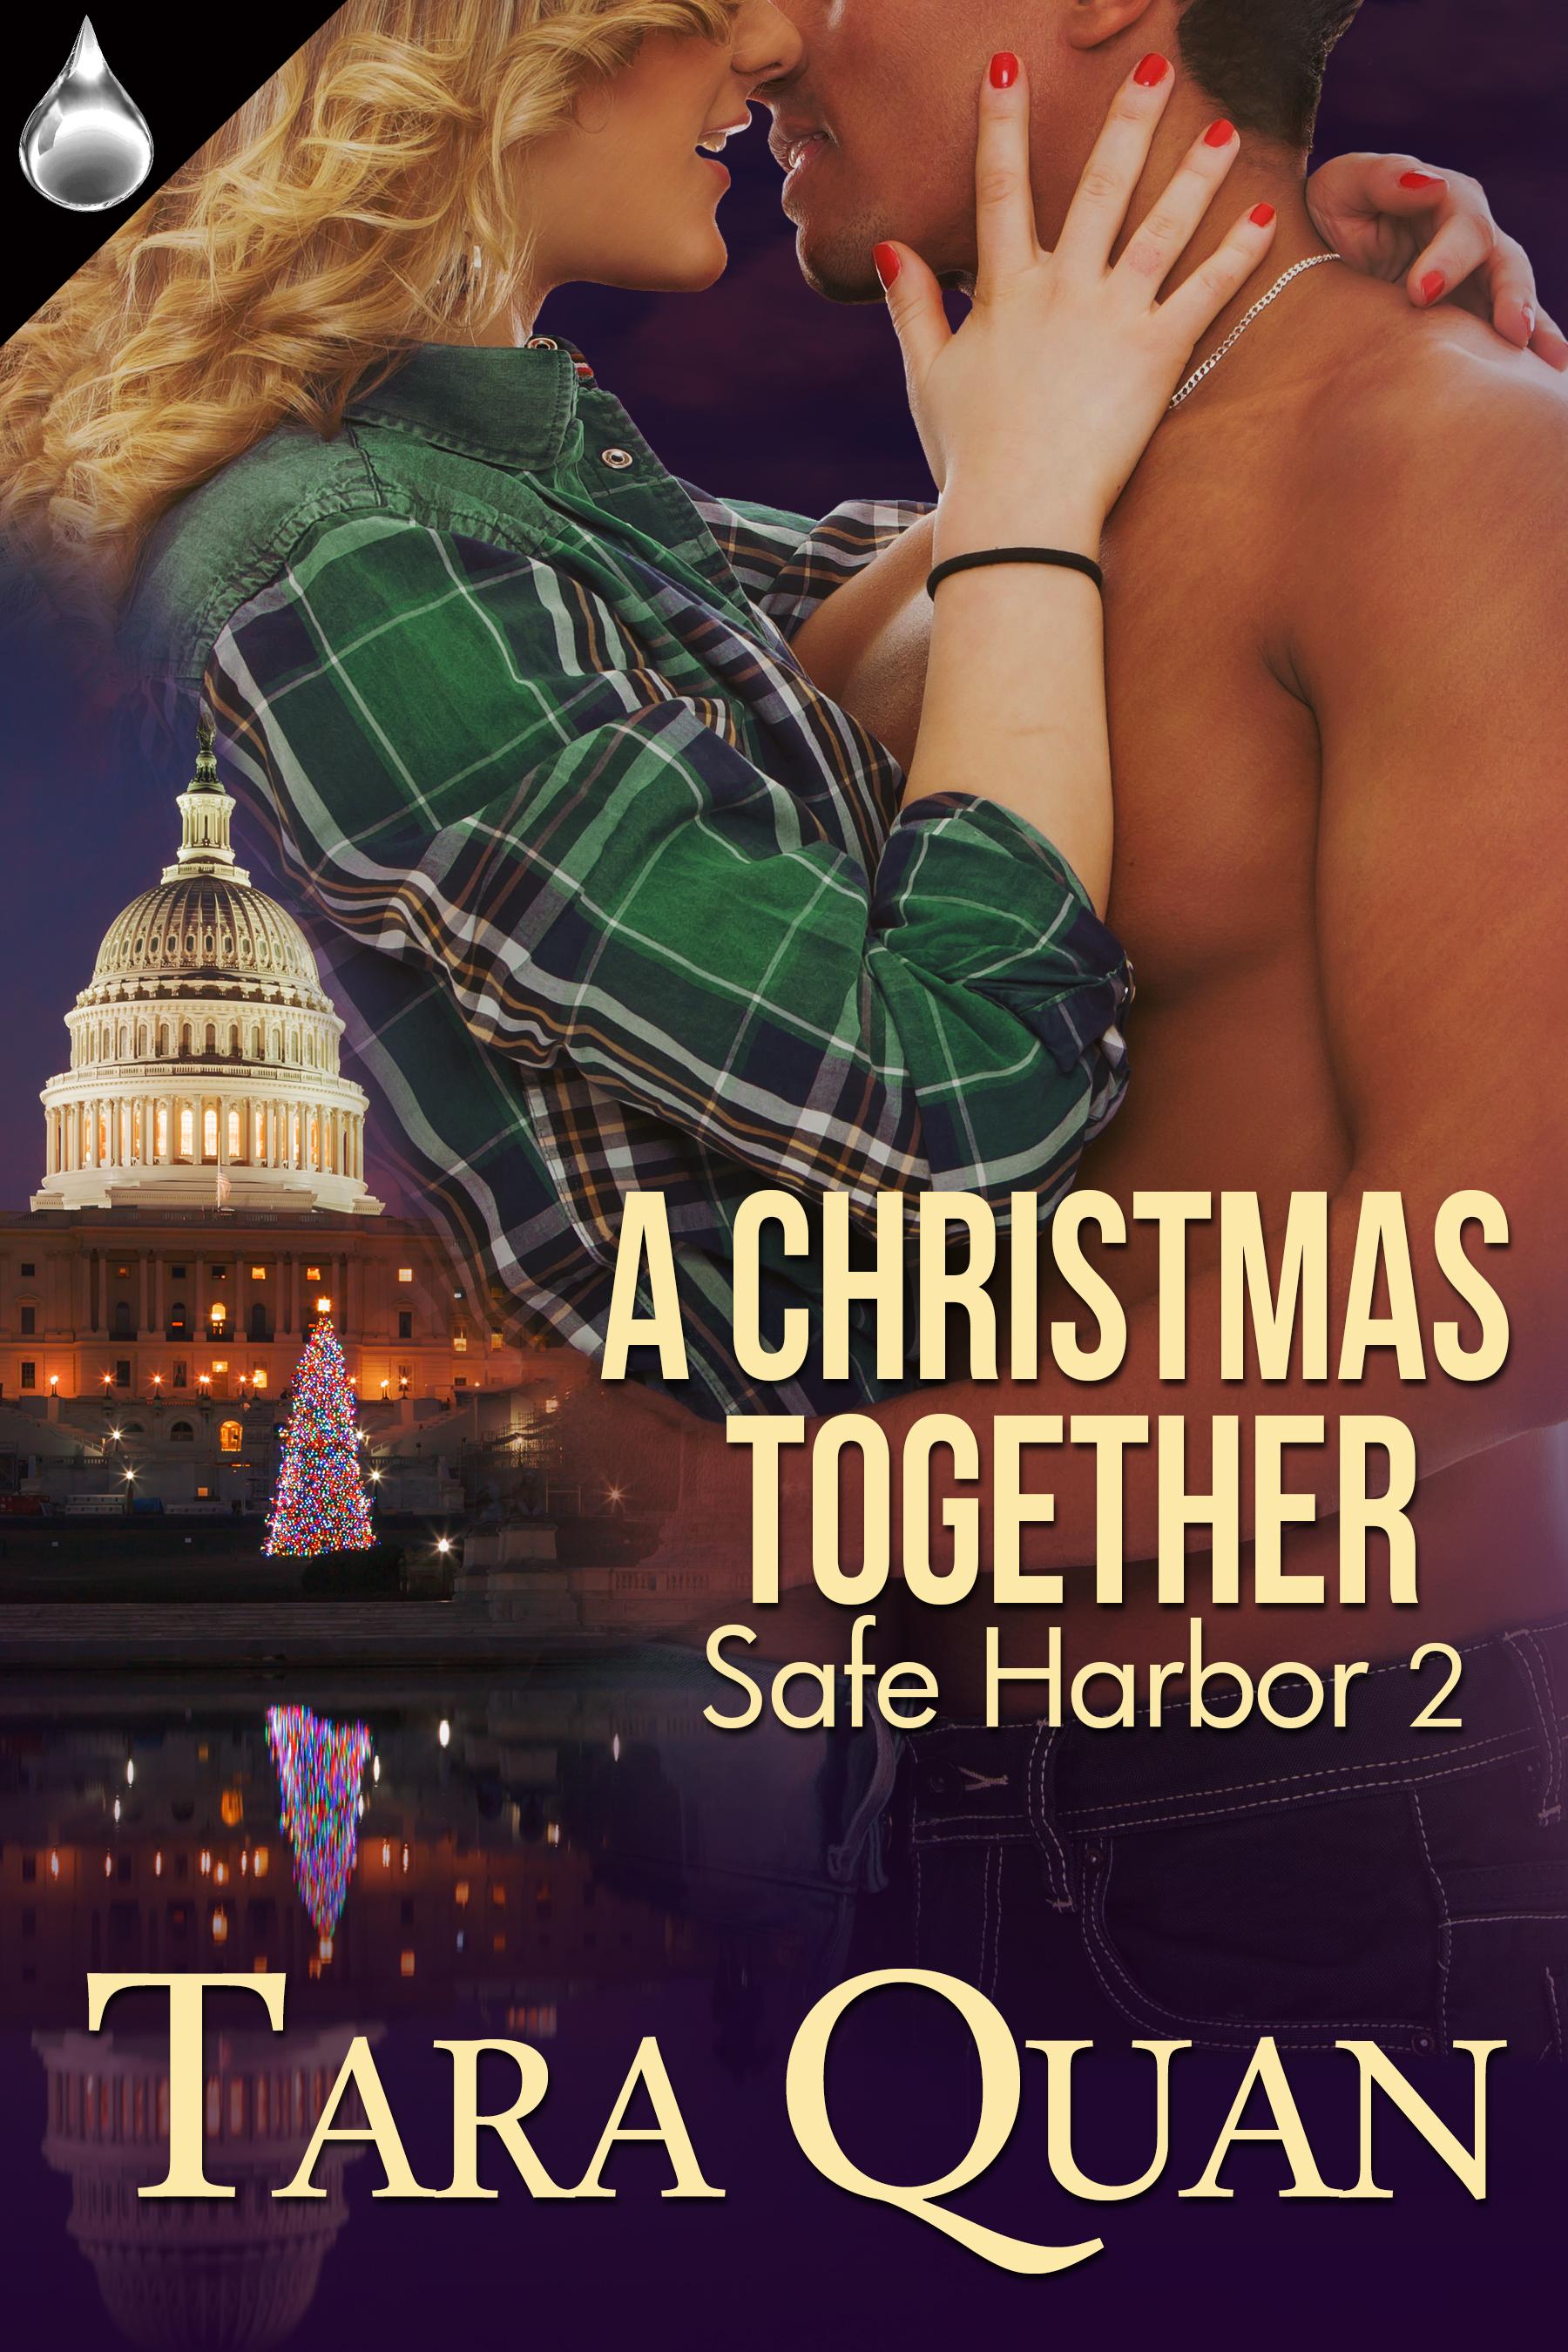 A Christmas Together by Tara Quan